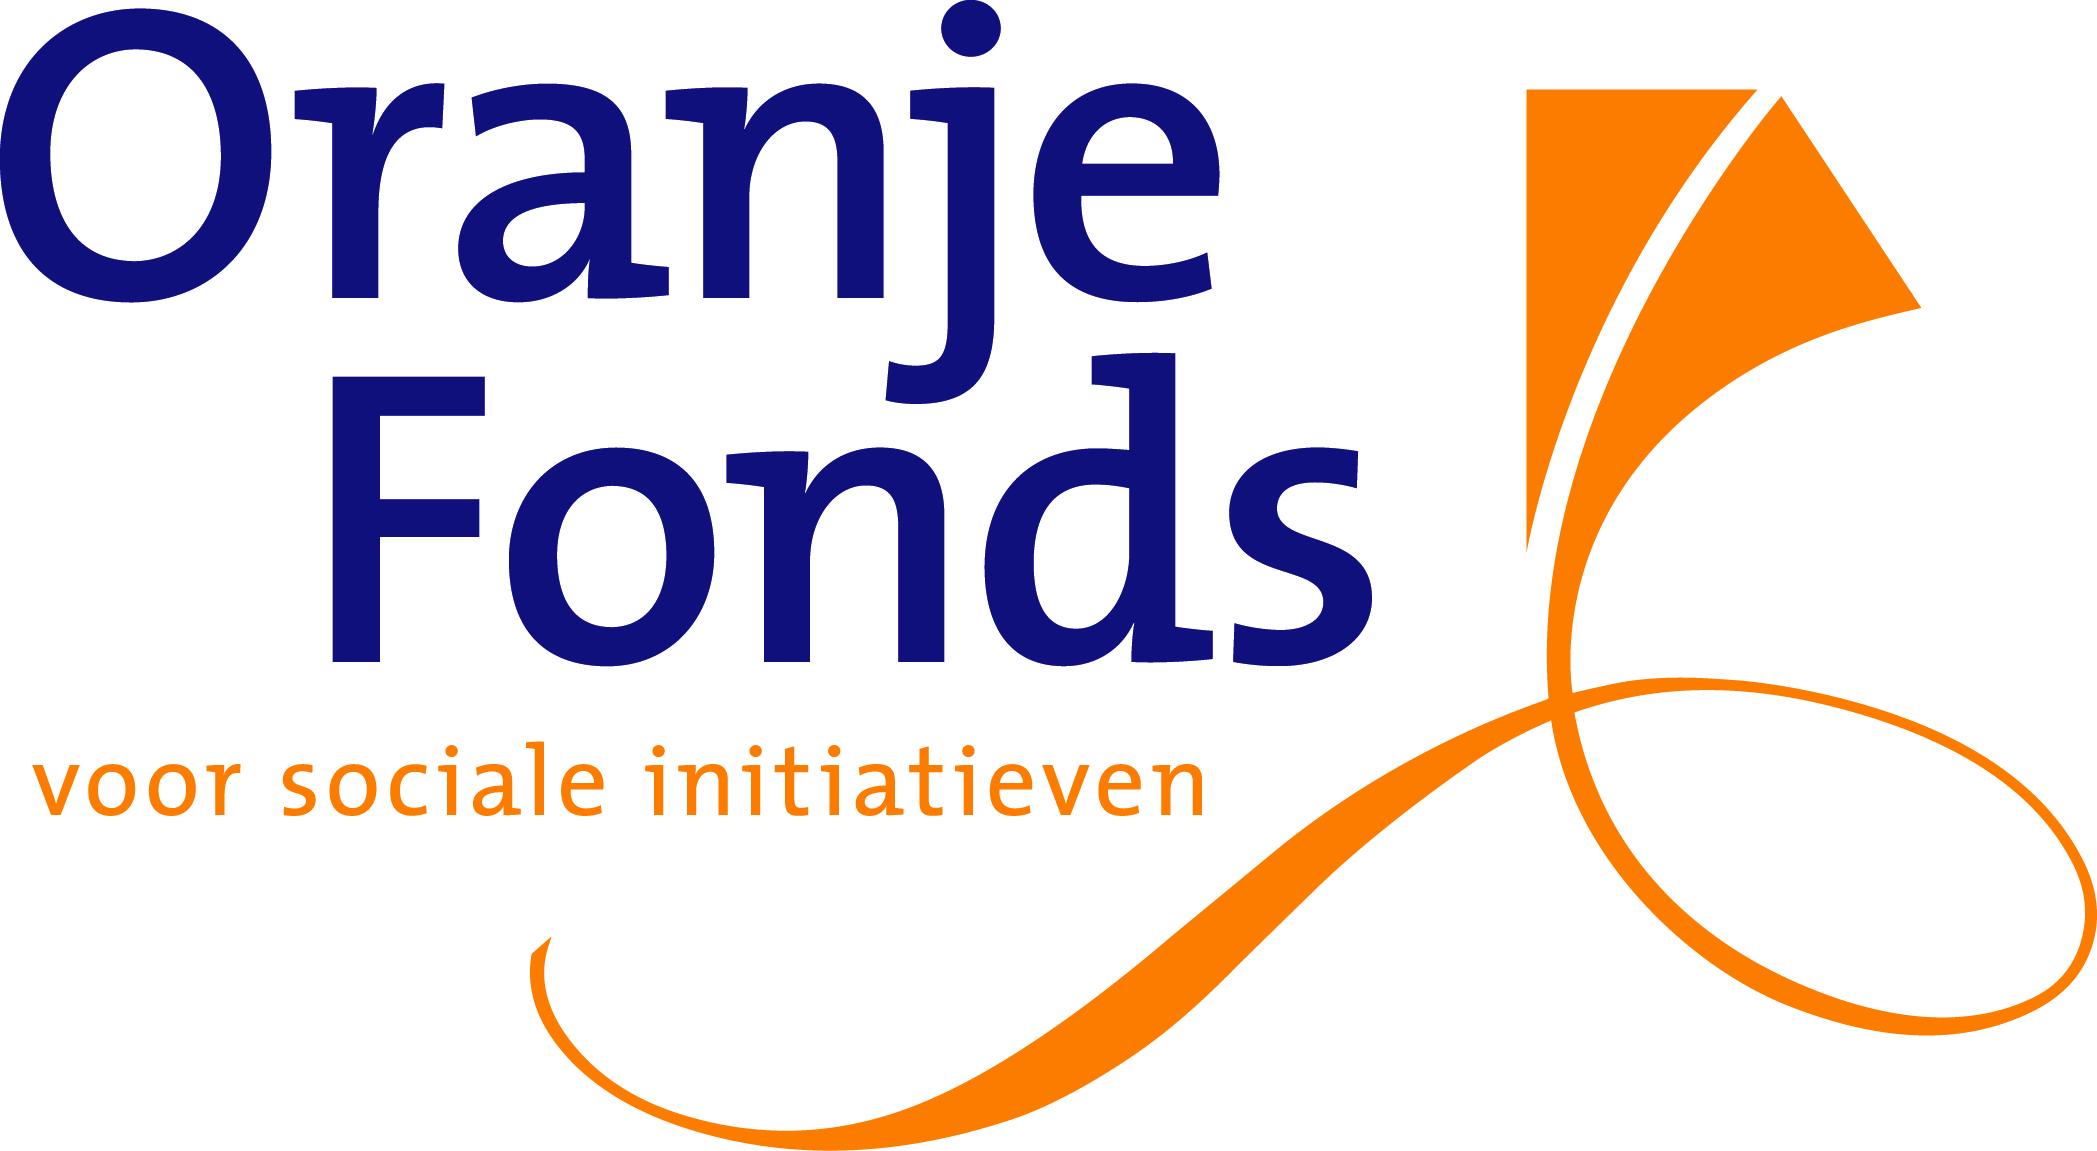 Oranje_Fonds, Logo